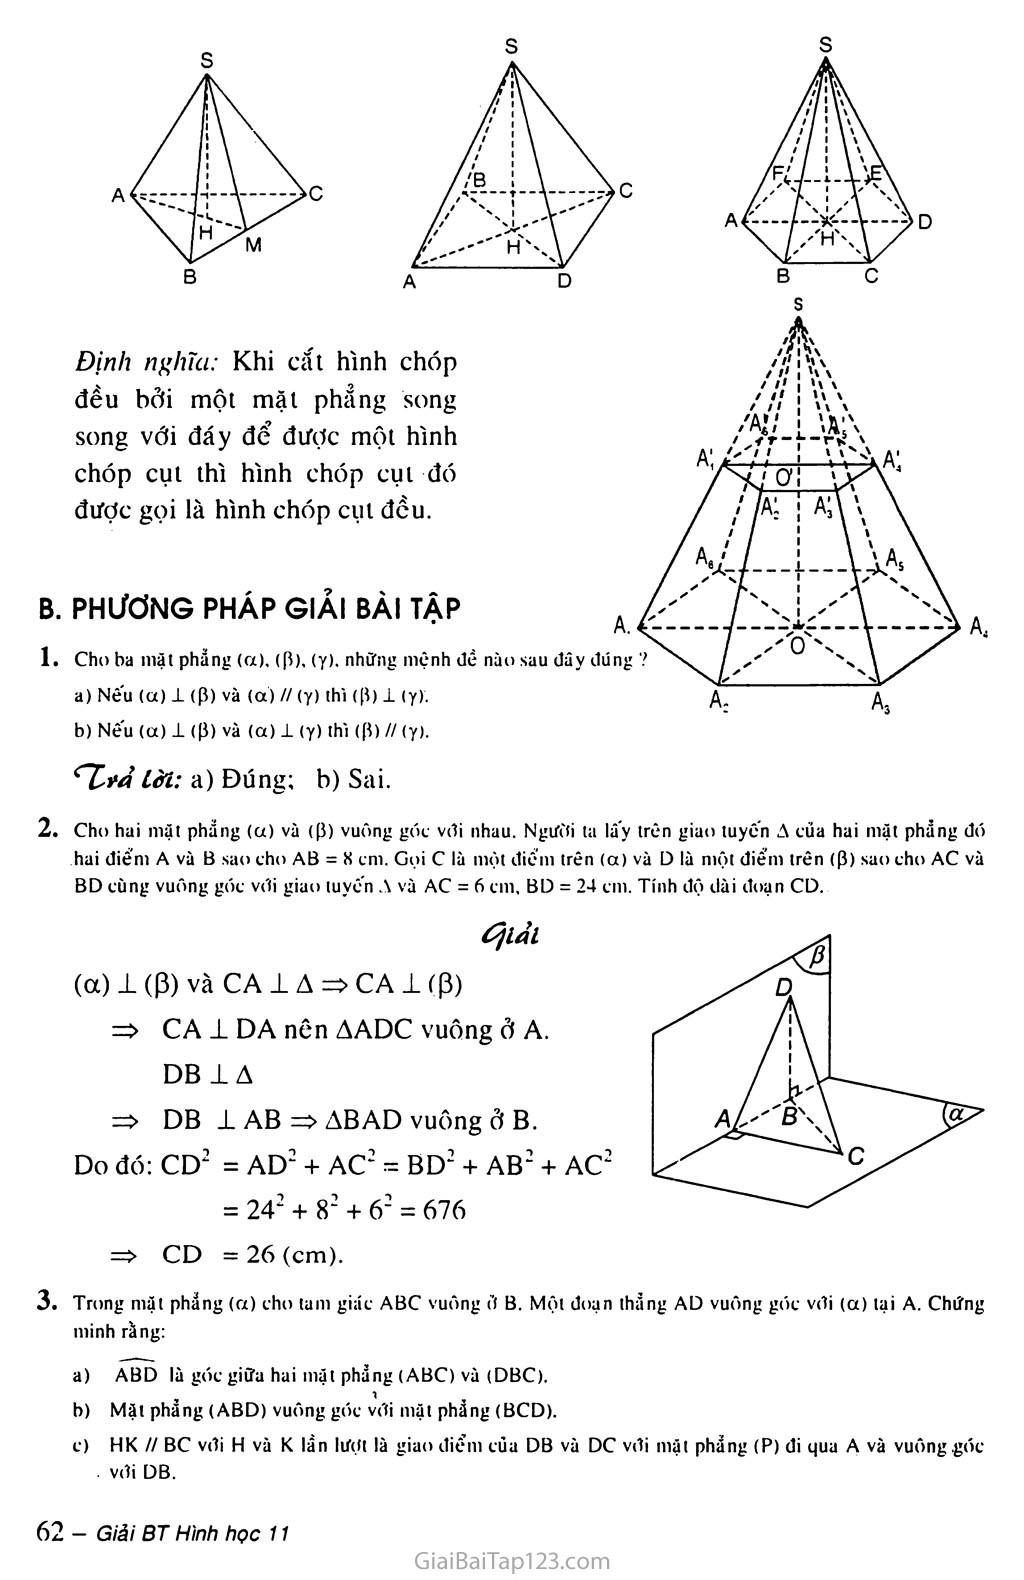 Bài 4. Hai mặt phẳng vuông góc trang 3